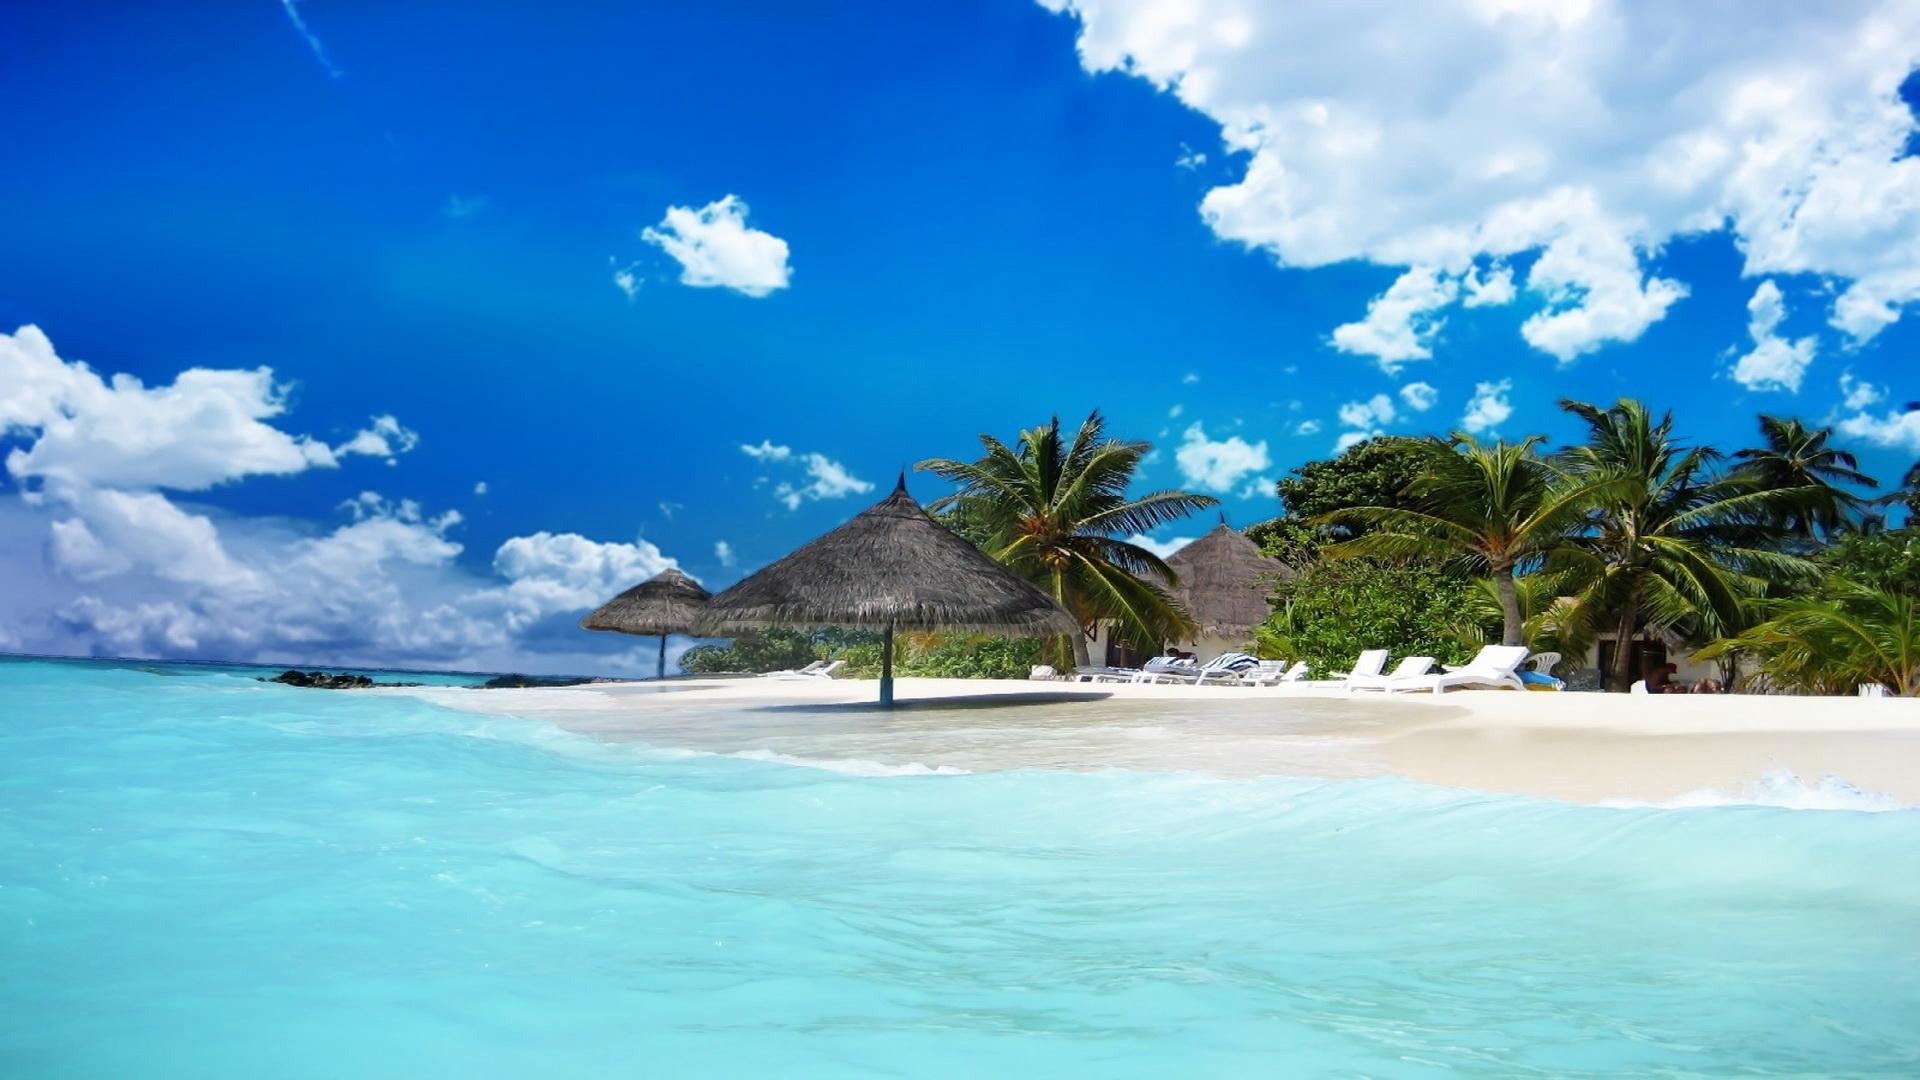 pics photos jamaica desktop wallpapers and backgrounds